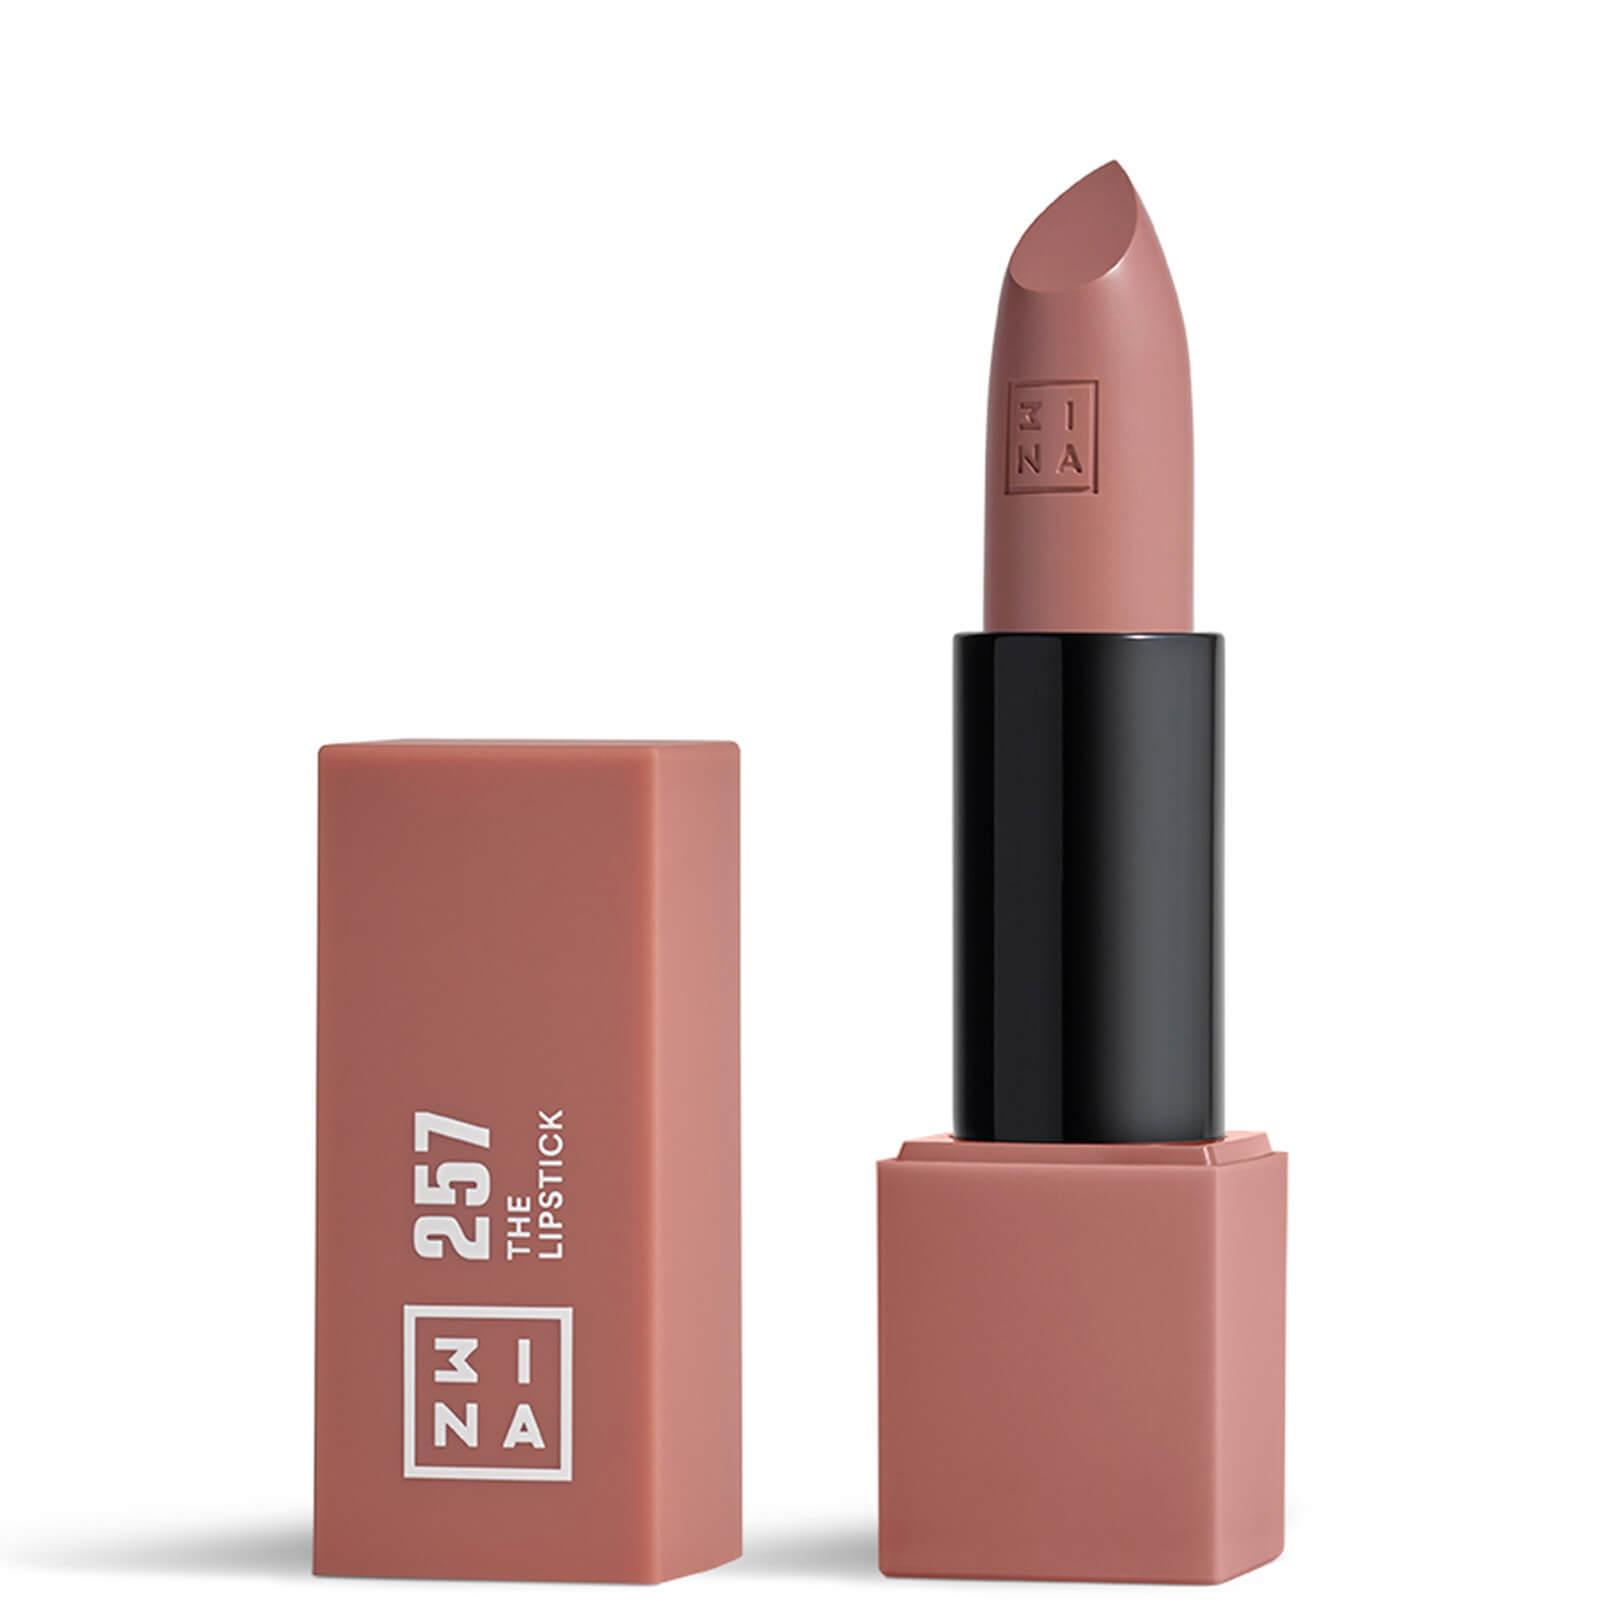 Купить Помада 3INA Makeup The Lipstick 18 г (различные оттенки) - 257 Dusty Rose